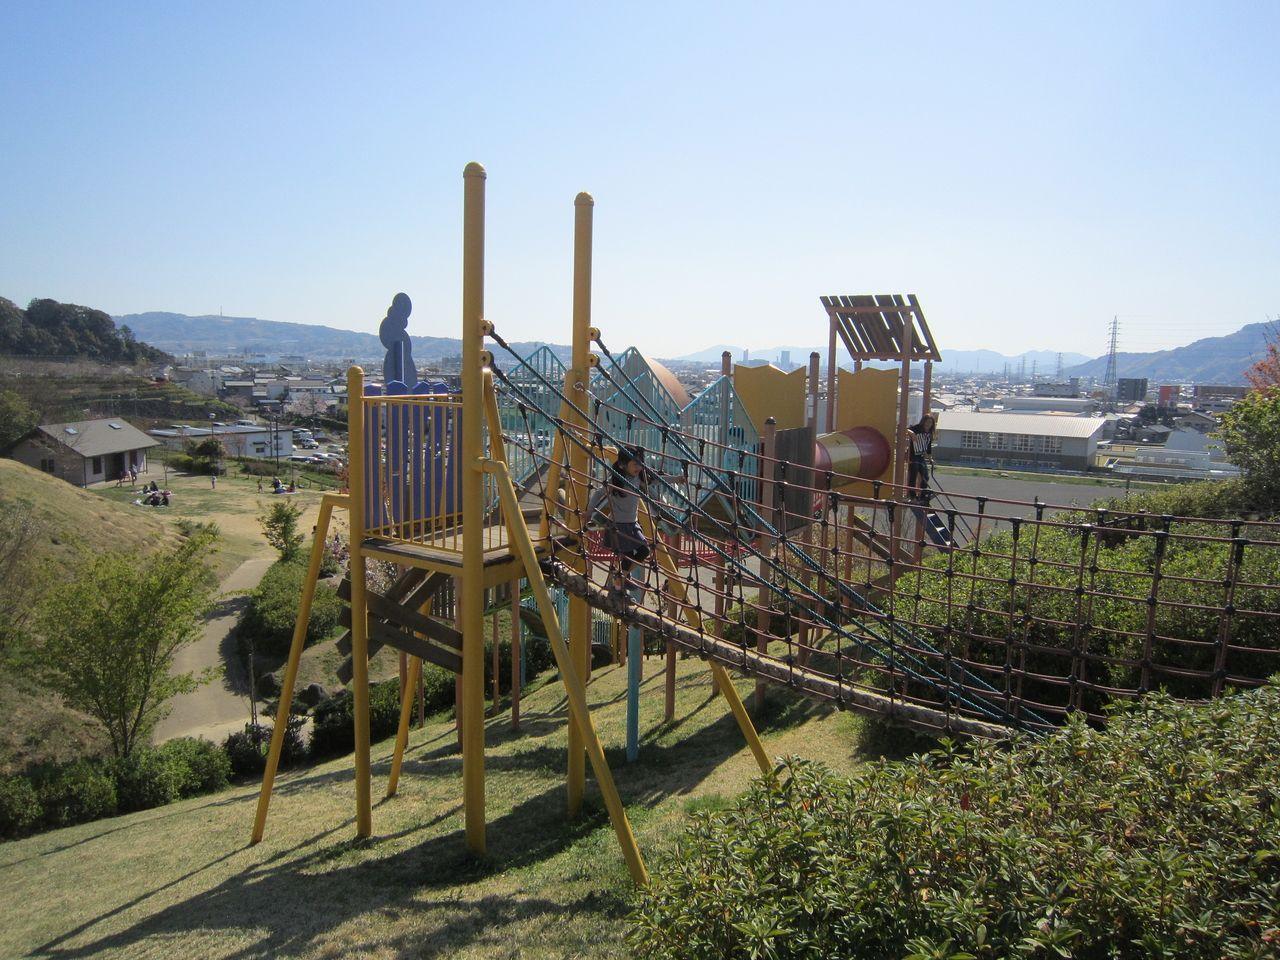 静岡市清水区にある秋葉山公園のアスレチックは大人もドキドキする本格派。